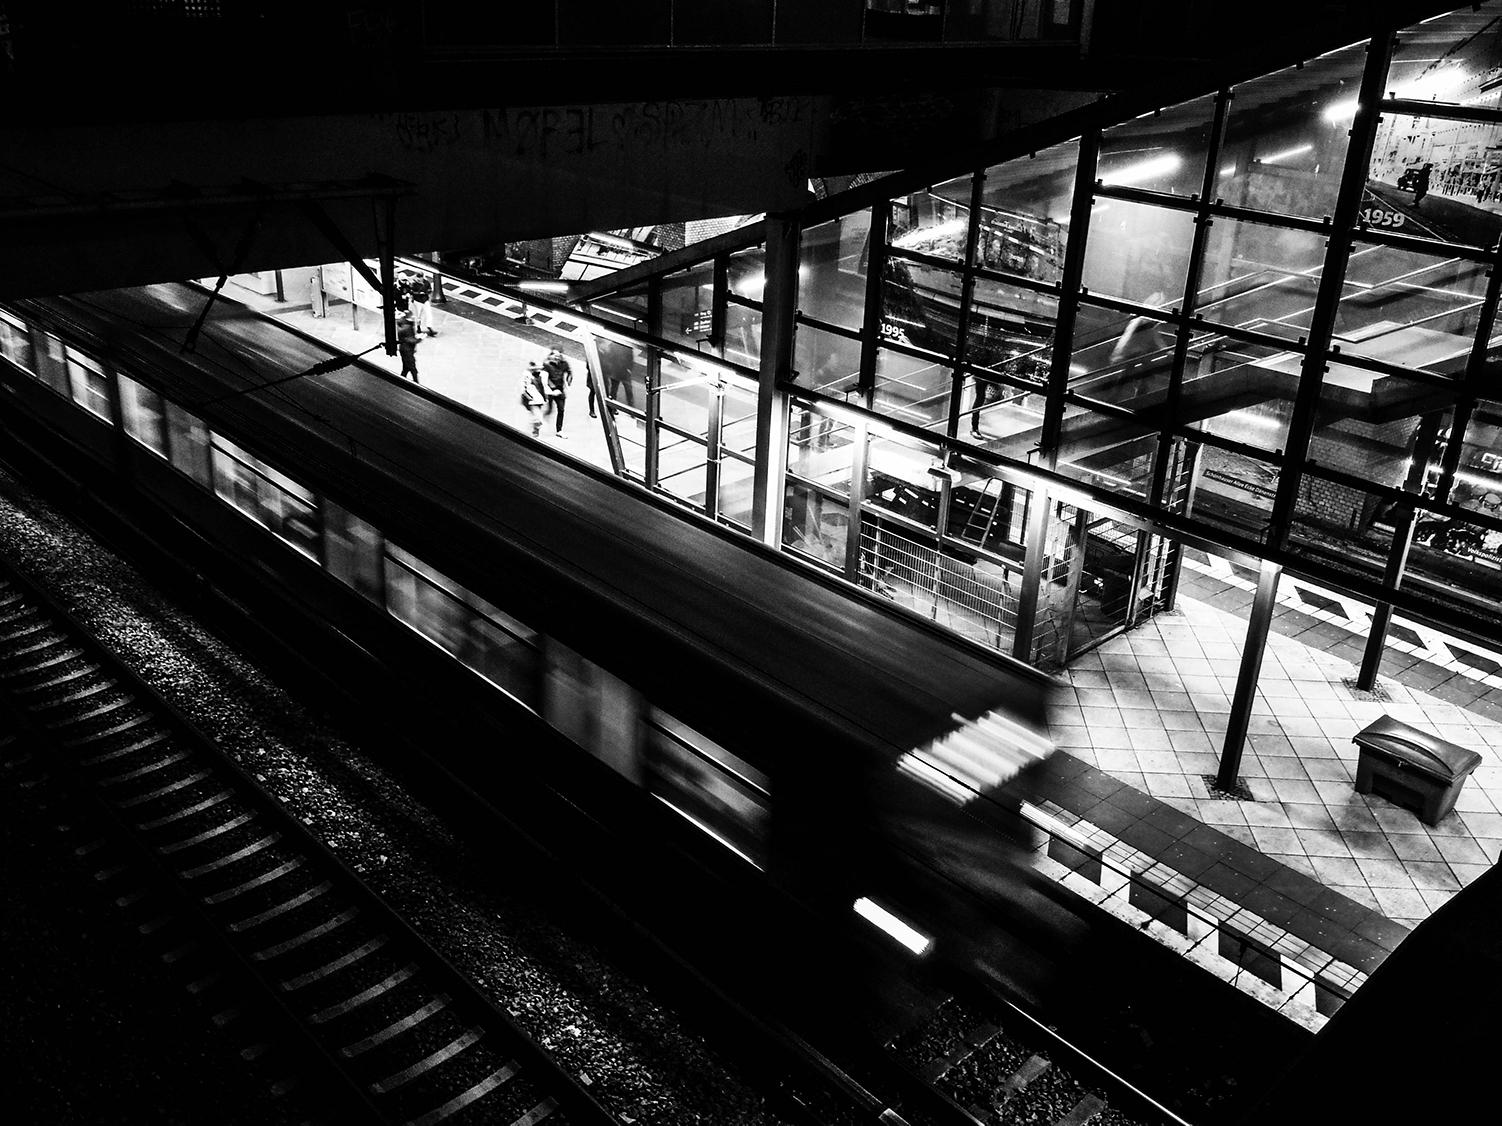 <p>The platform at Schönhauser Allee S-bahn station. </p>